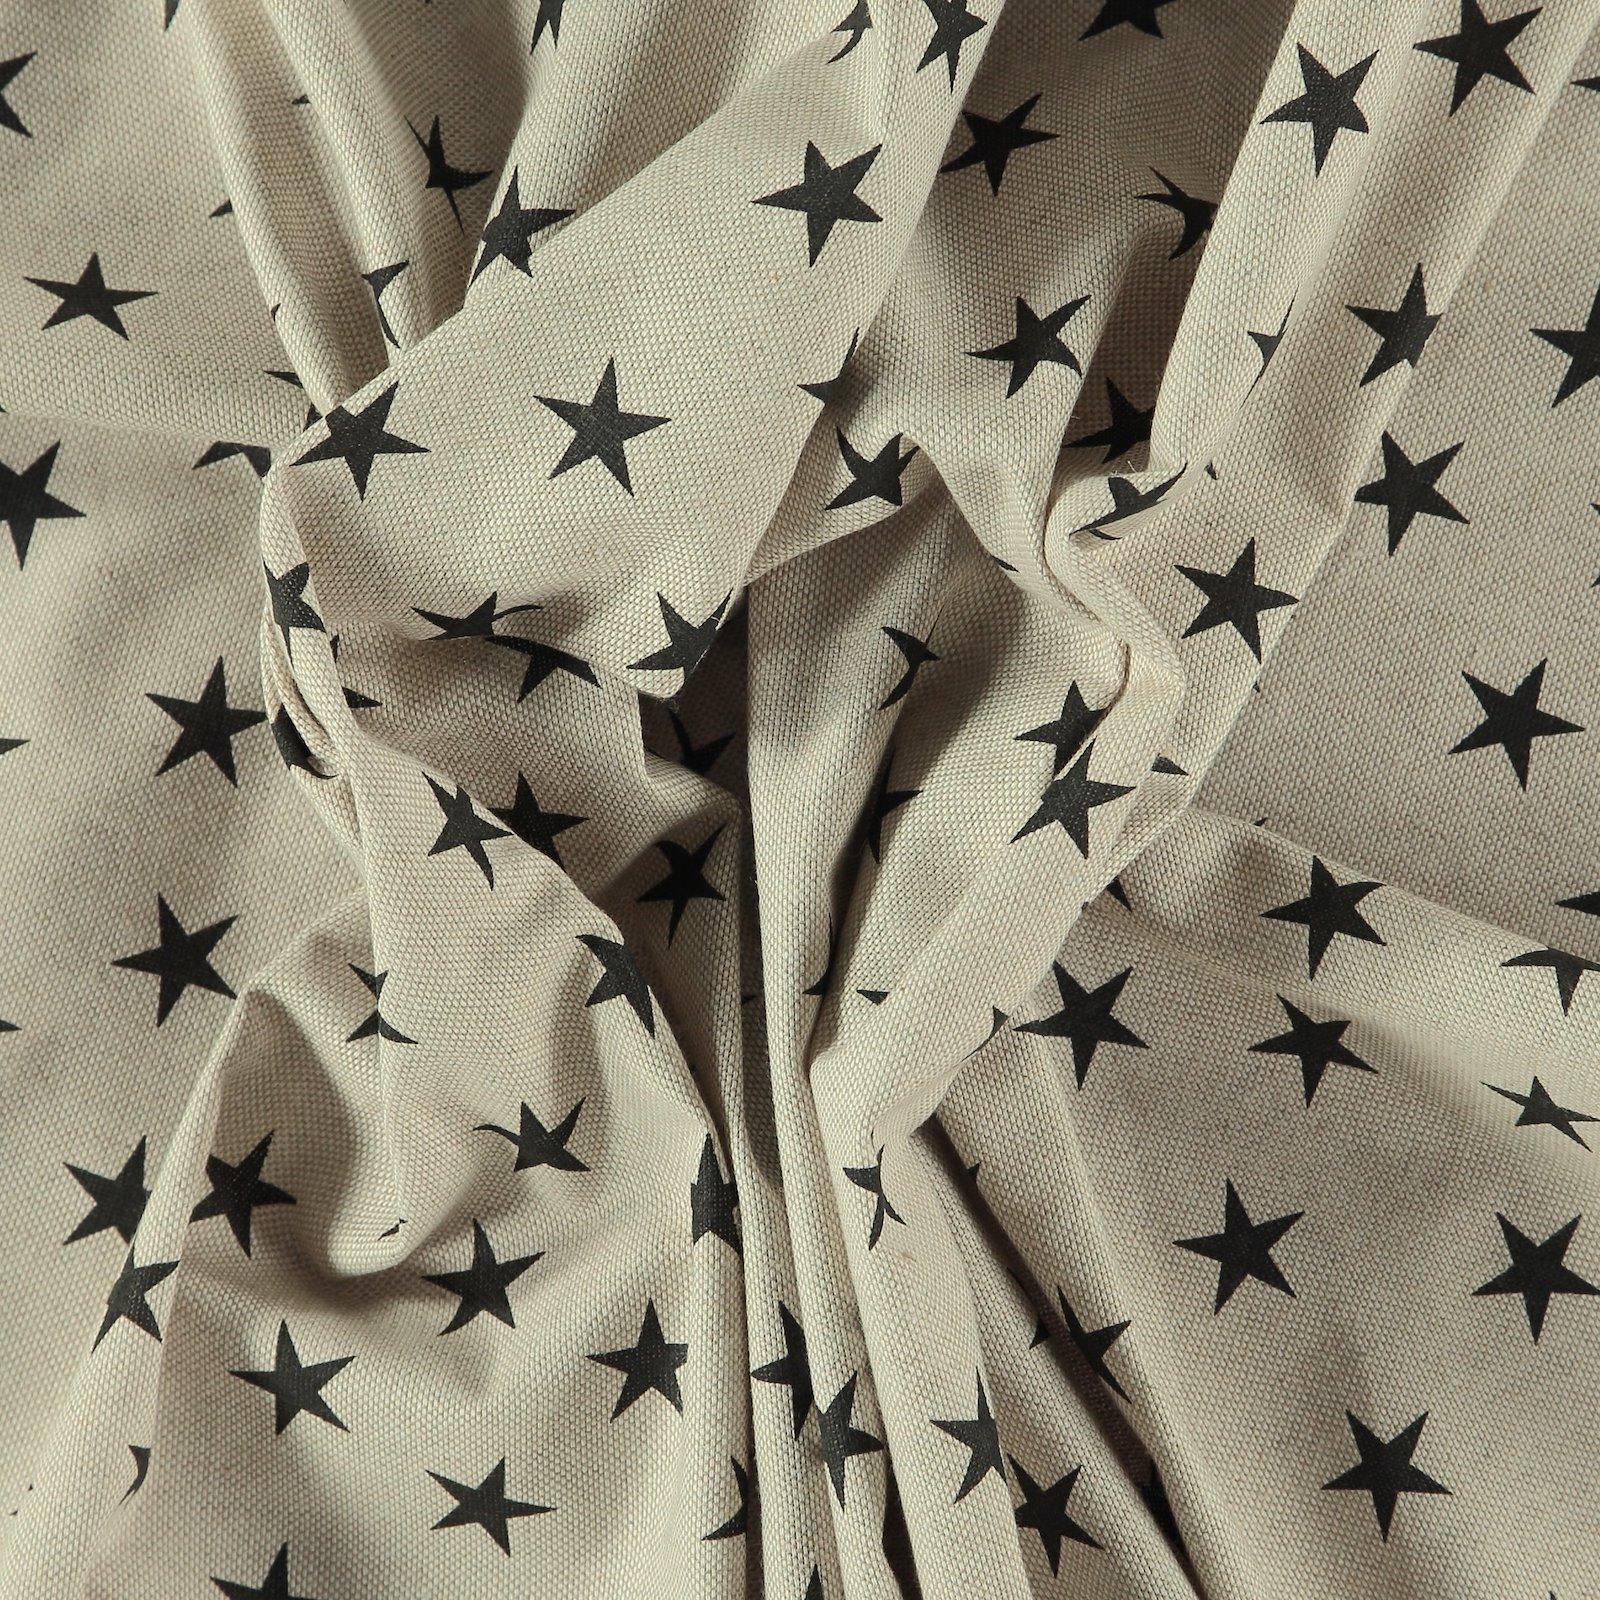 Leinenlook mit schwarzen Sternen